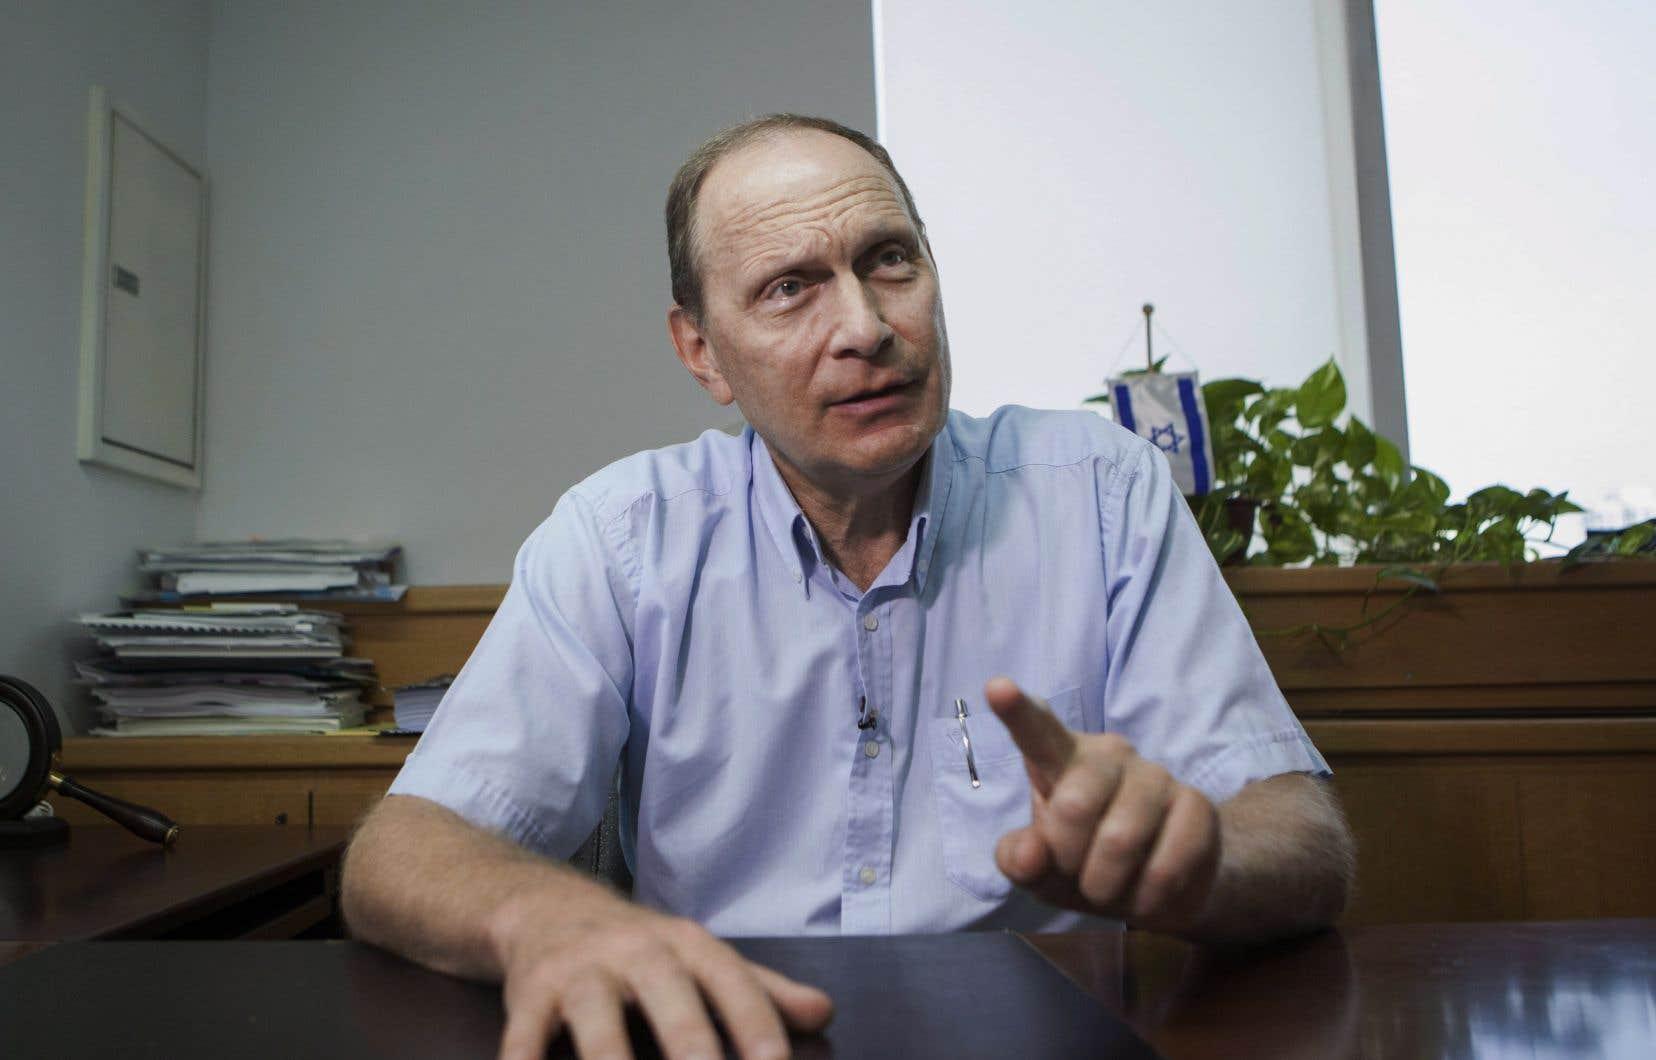 Le nouveau président de l'AMM, Leonid Eidelman, a prononcé un discours dont plusieurs passages ont été plagiés.